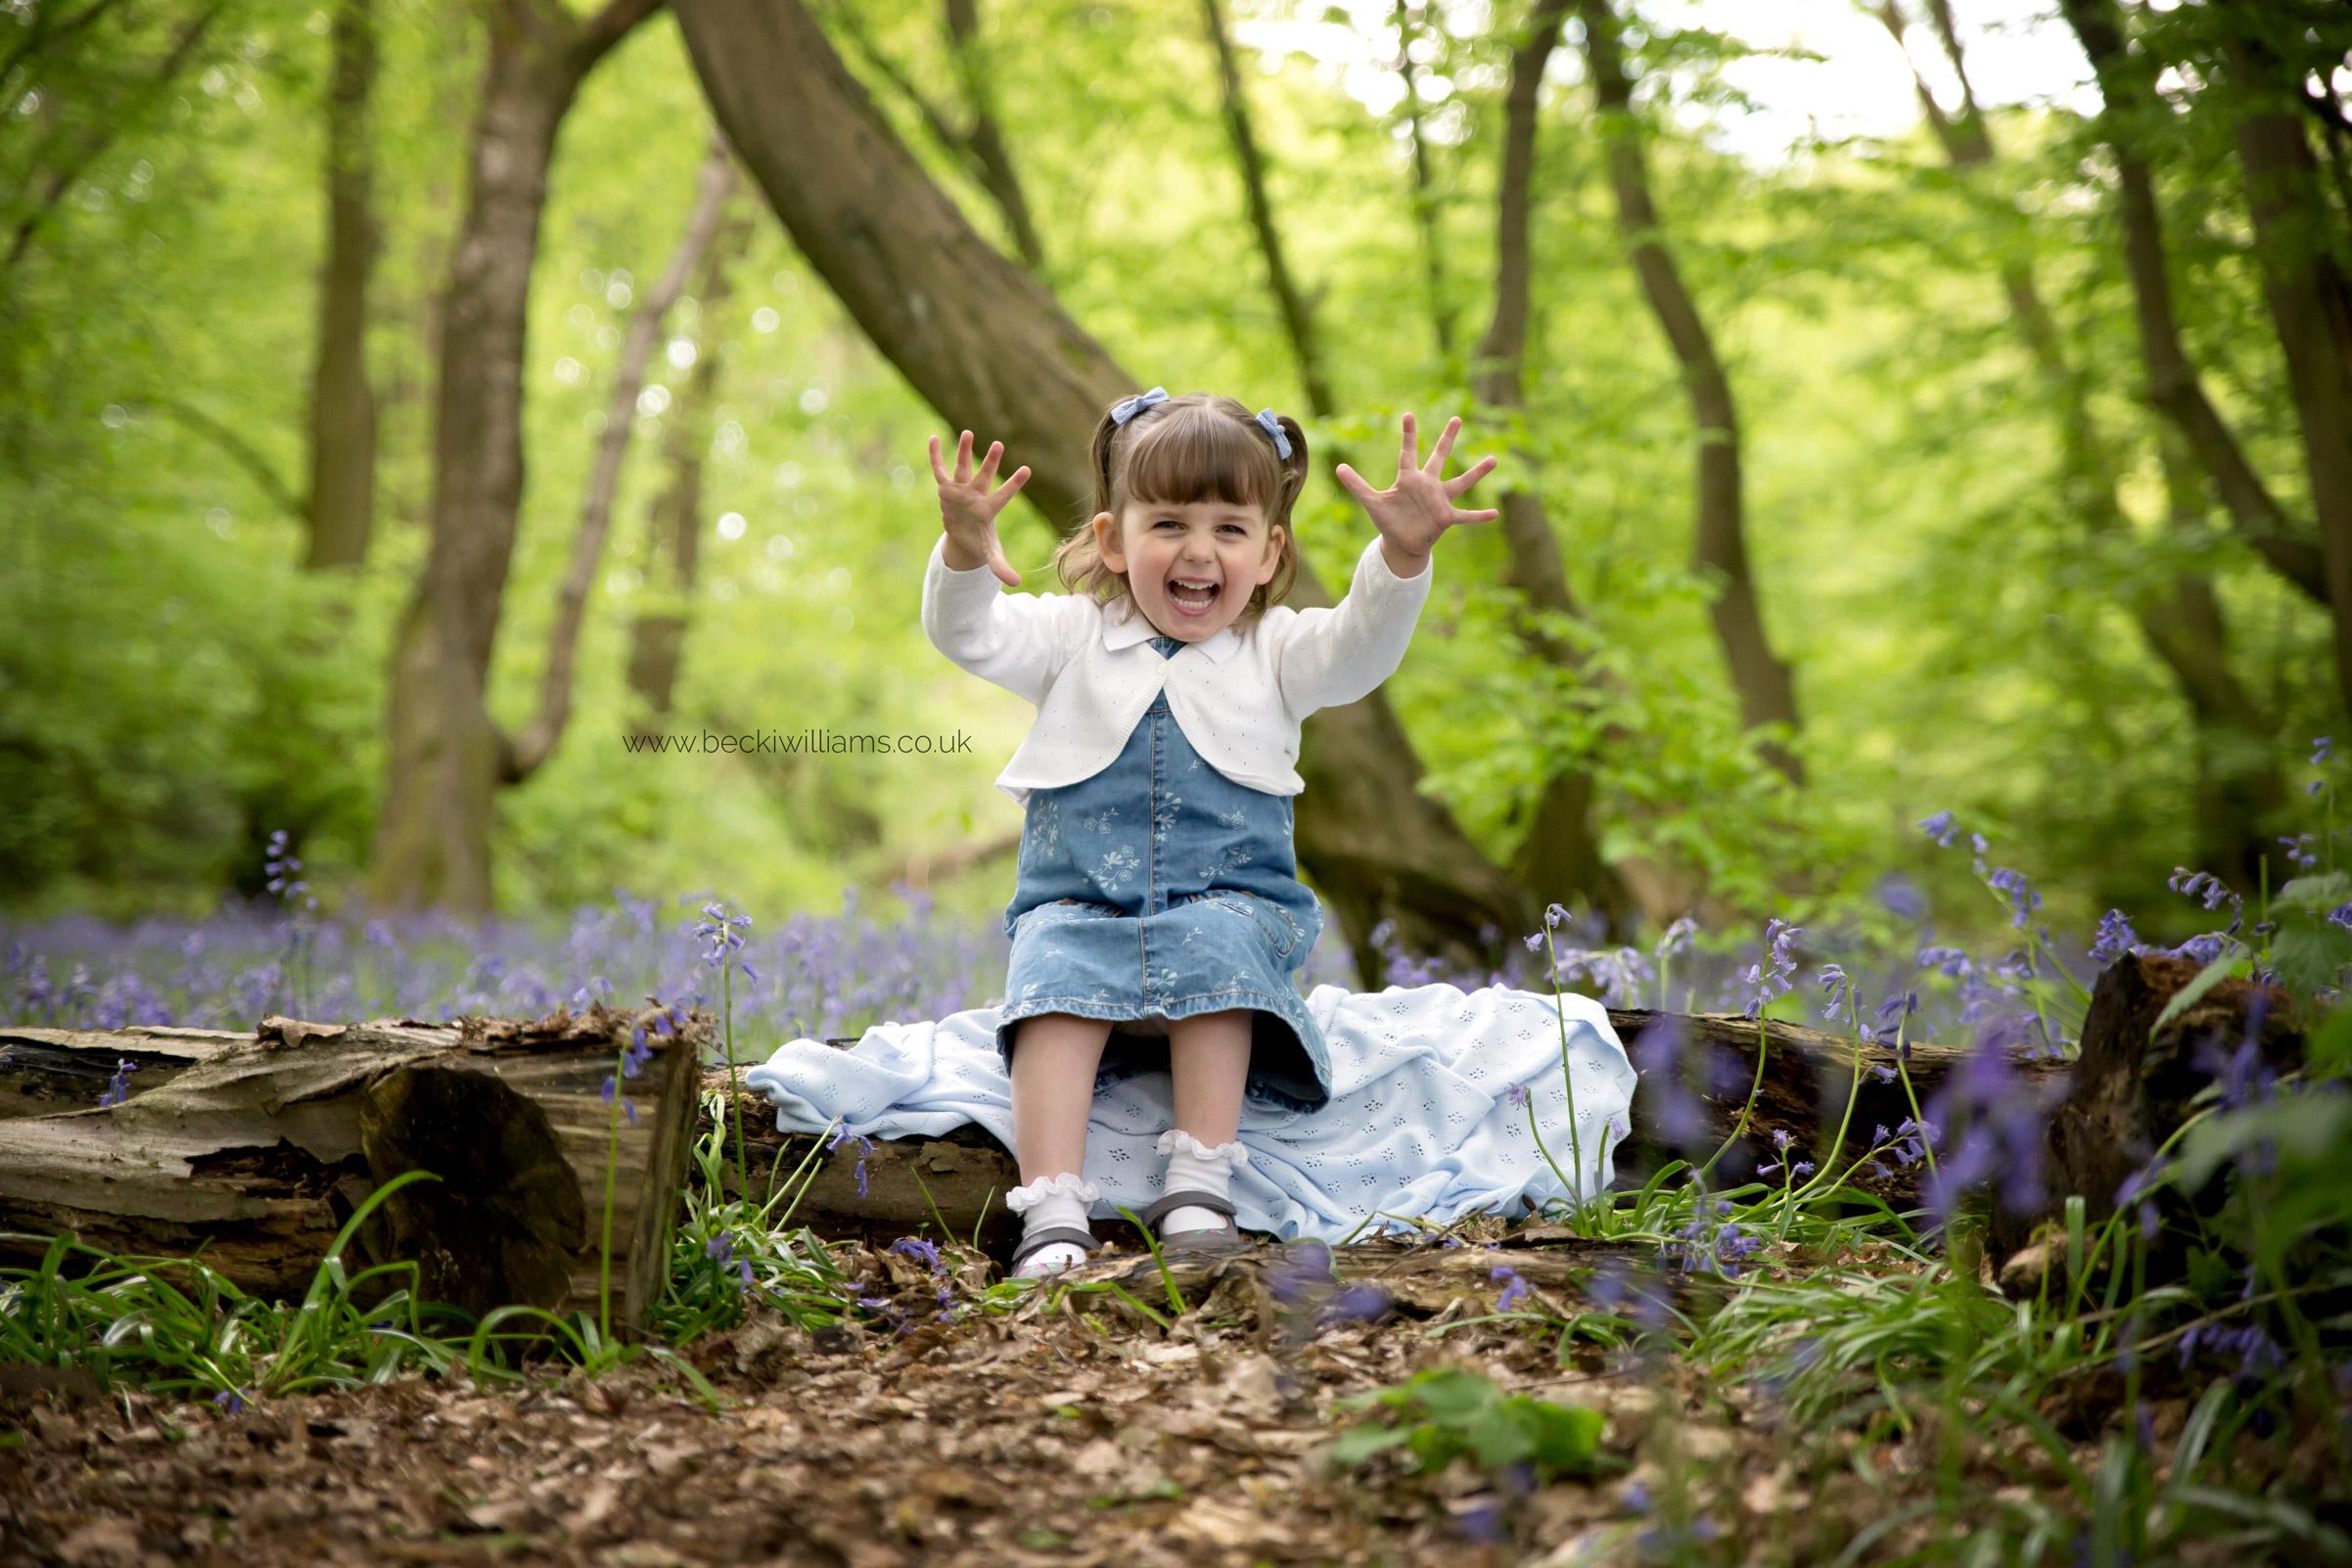 bluebell-photo-shoot-st-albans-2.jpg